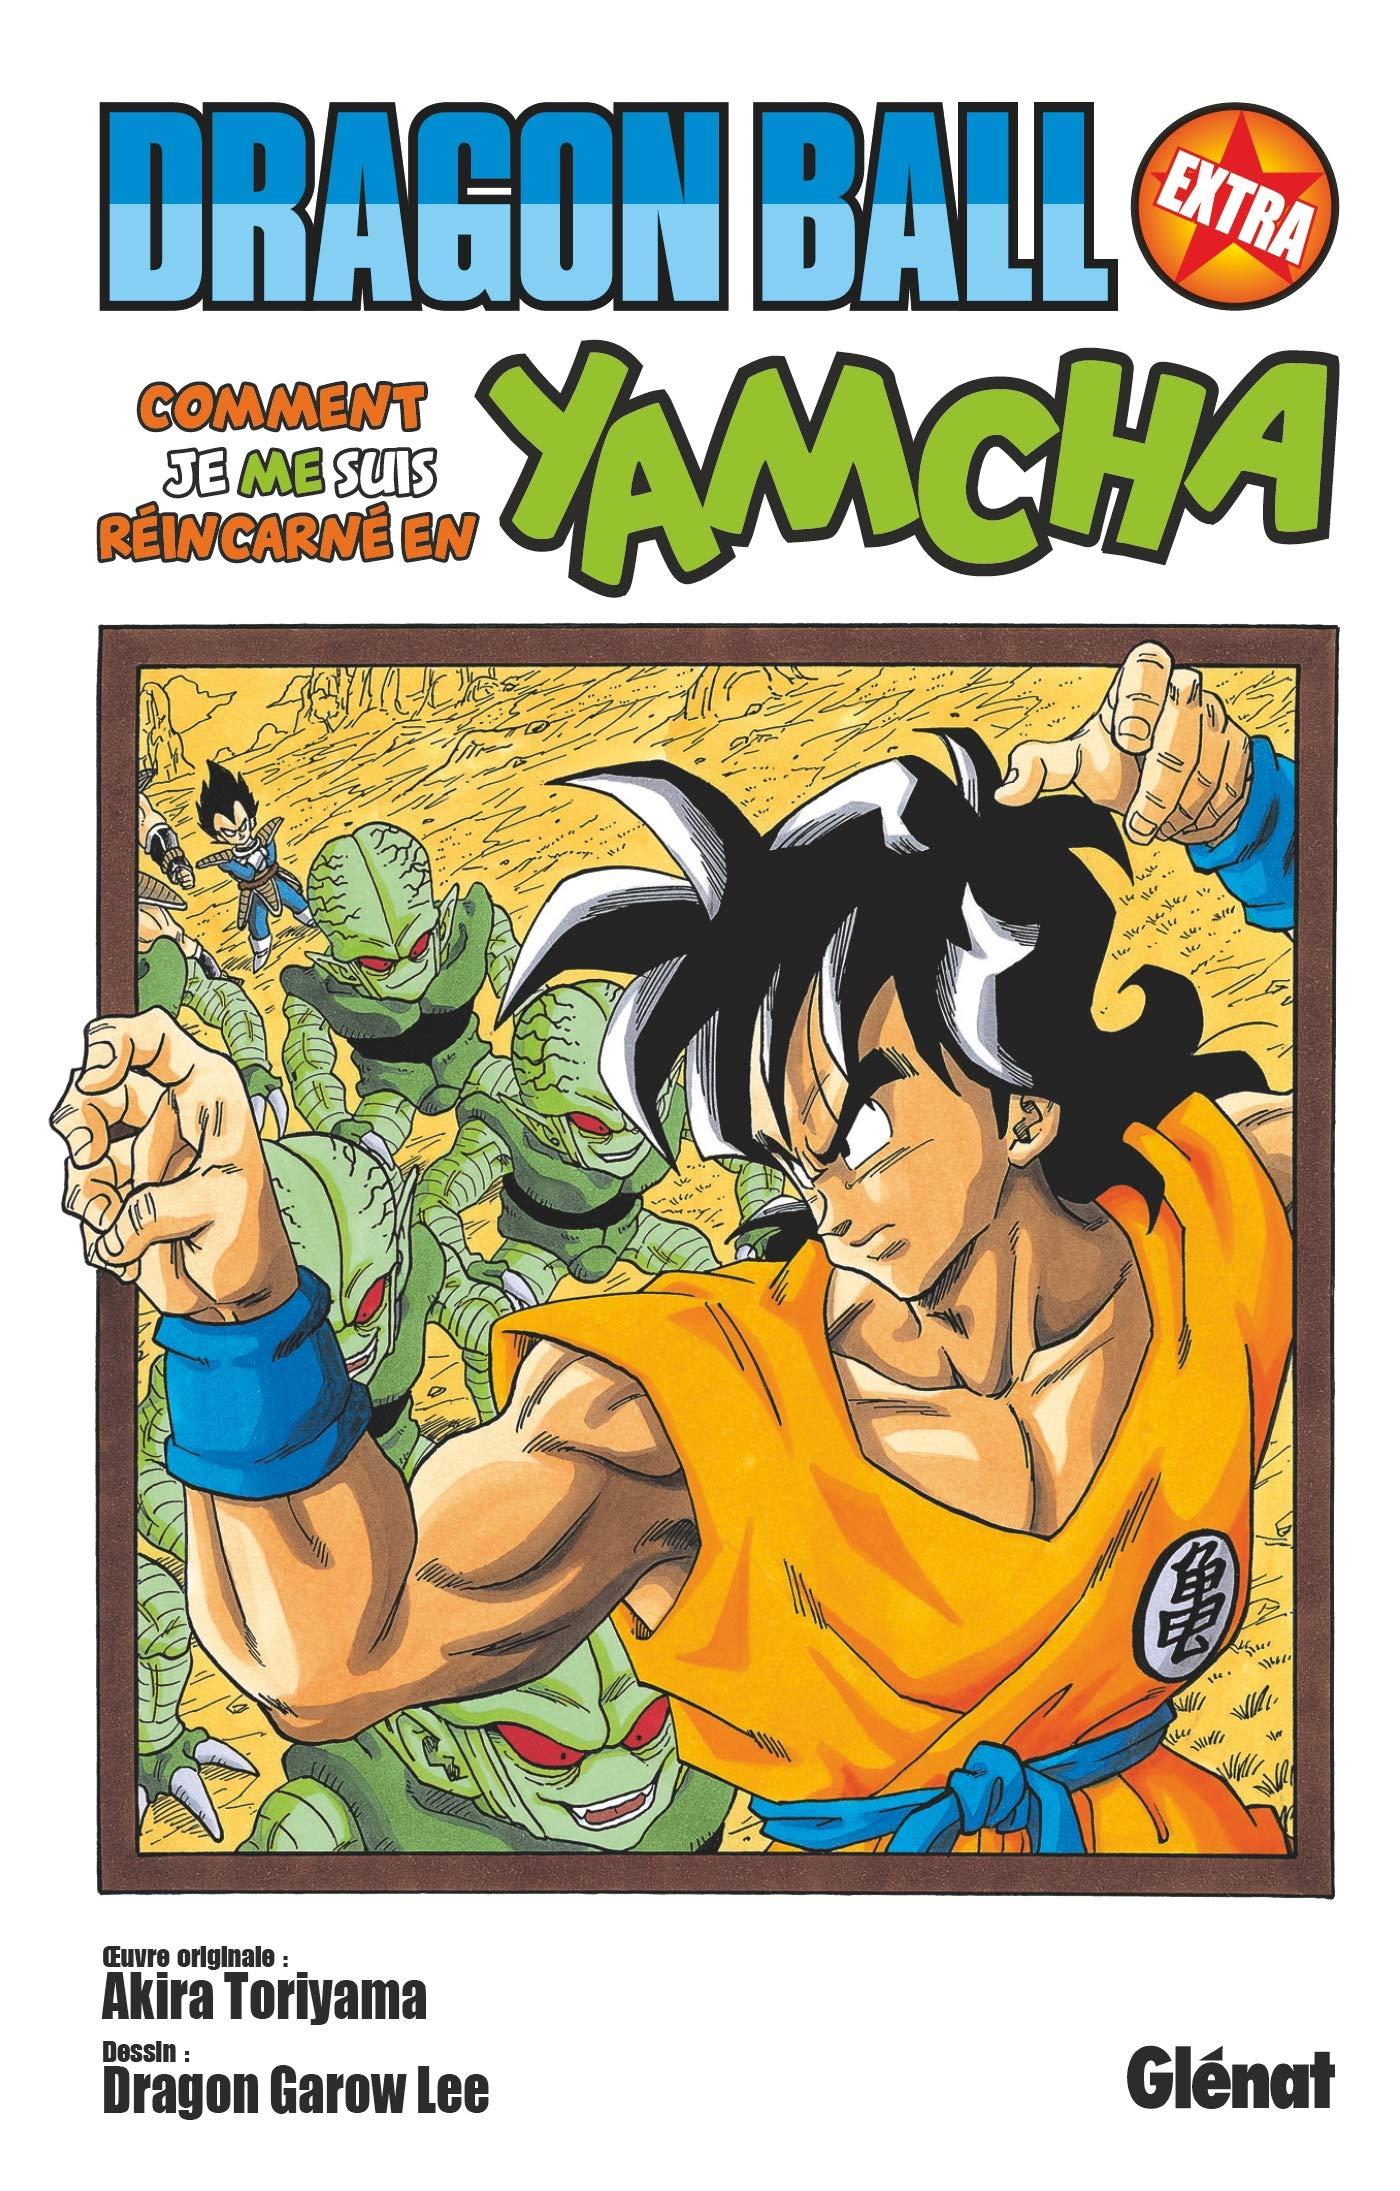 Jaquette de : Dragon Ball Extra, comment je me suis réincarné en Yamcha